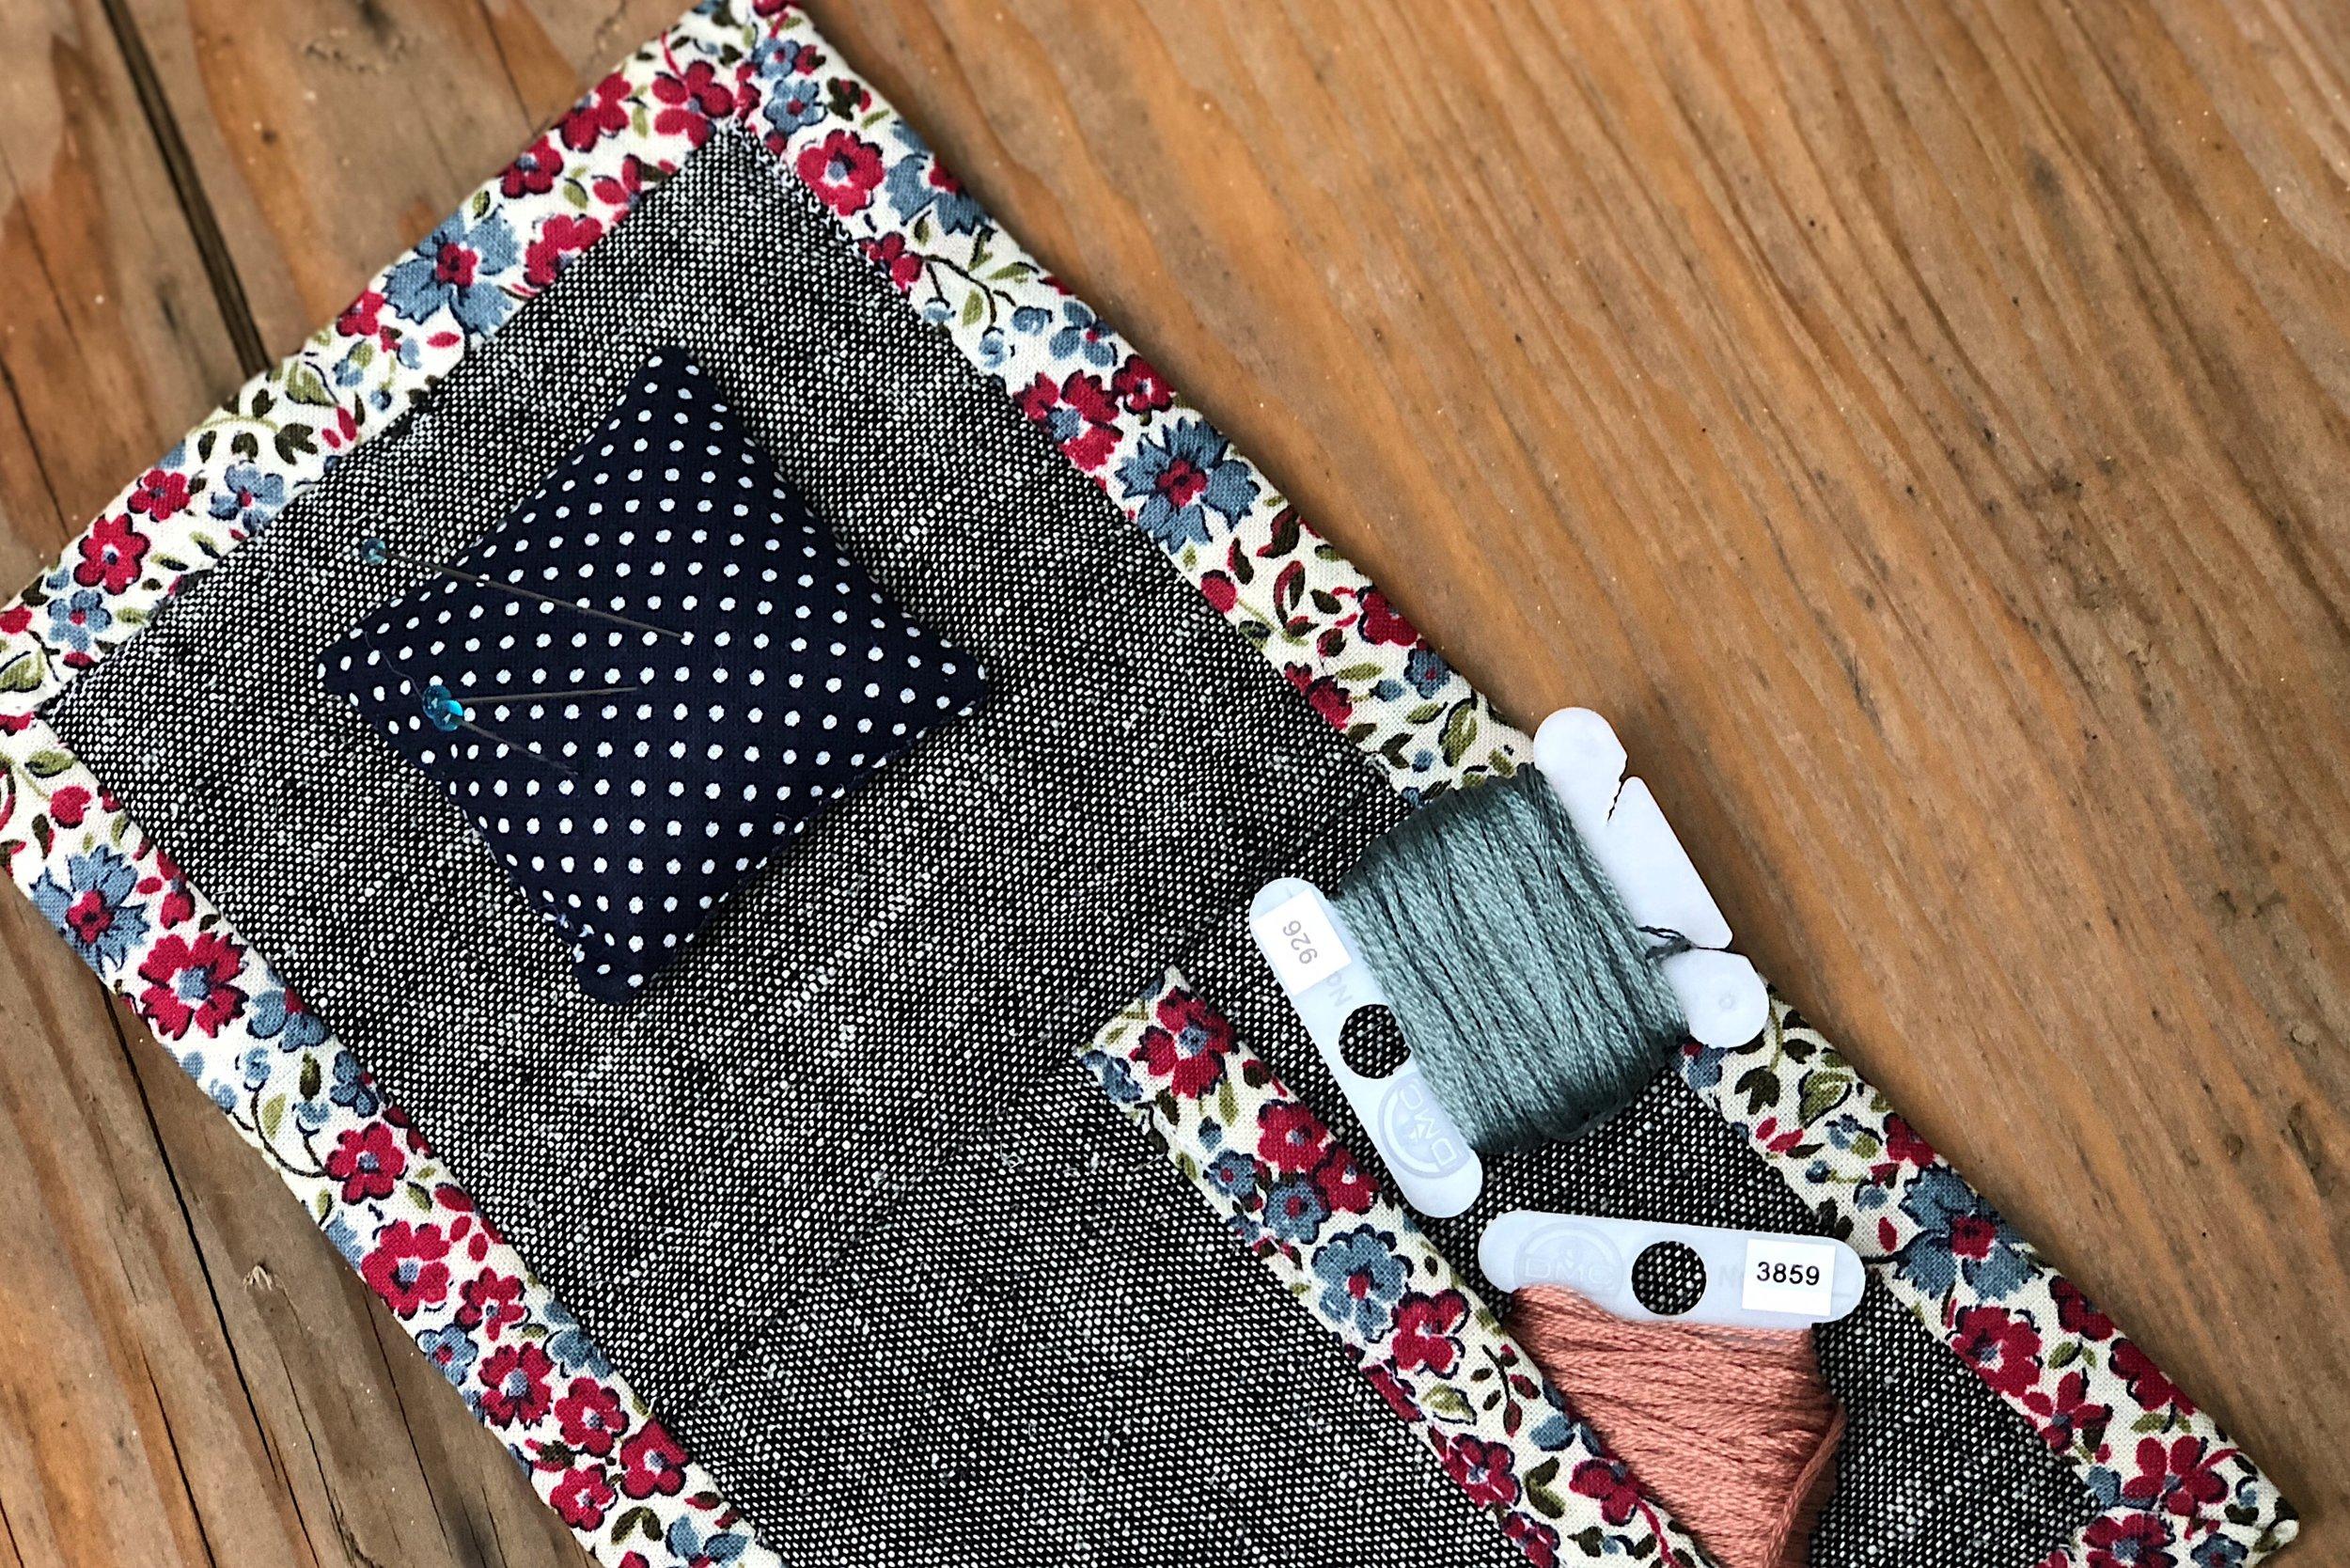 Sewing kit 3.JPG